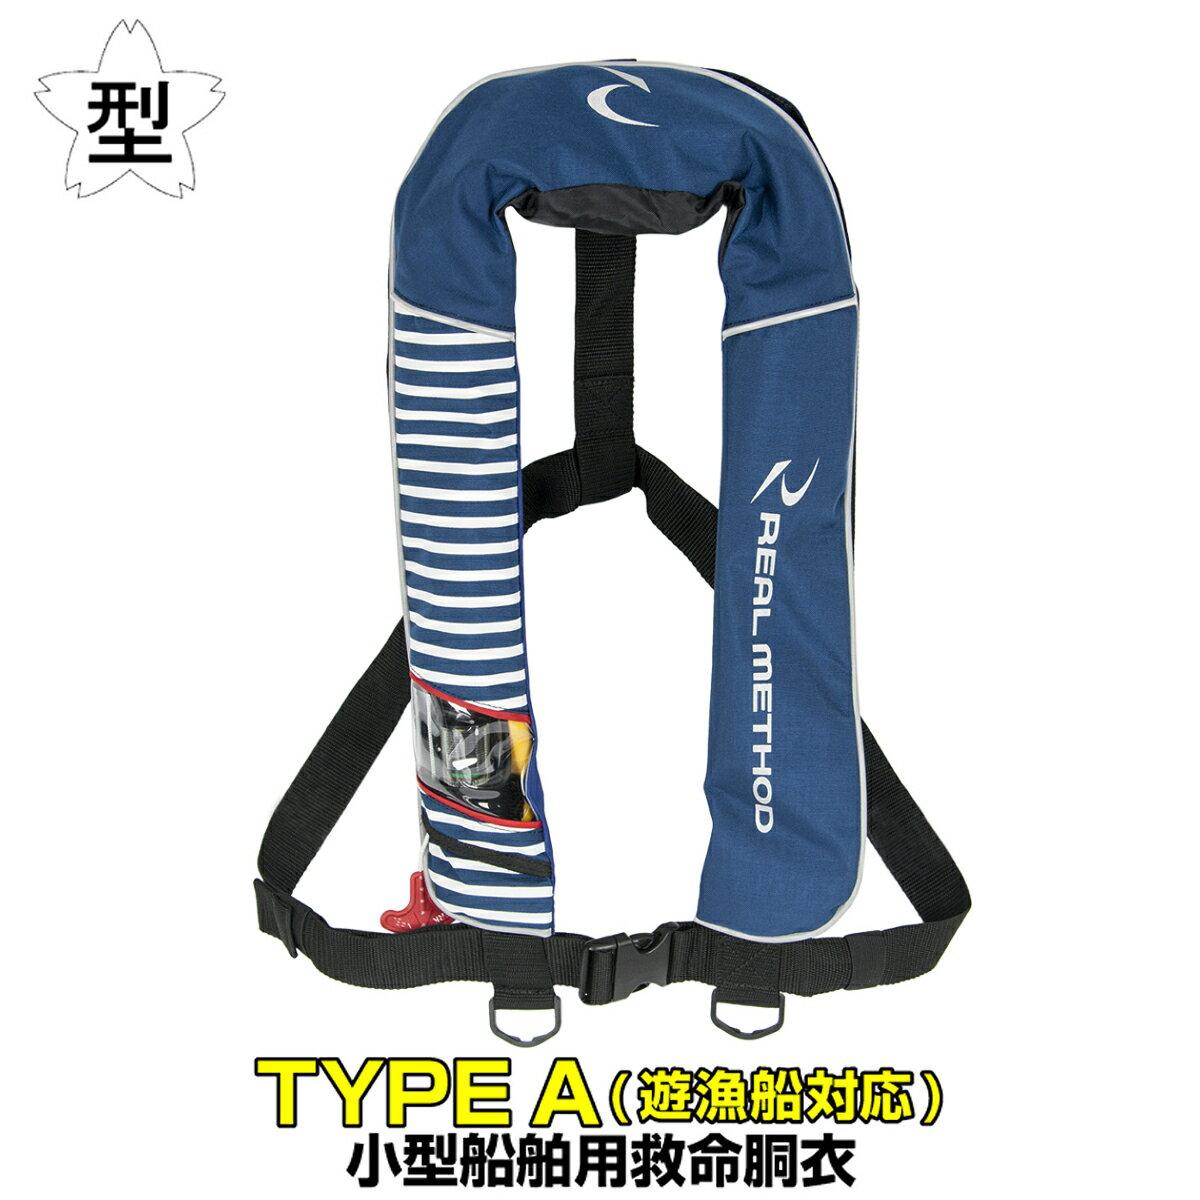 タカミヤ REALMETHOD 自動膨張式ライフジャケット サスペンダータイプ RM-2520RS ネイビーストライプ ※遊漁船対応